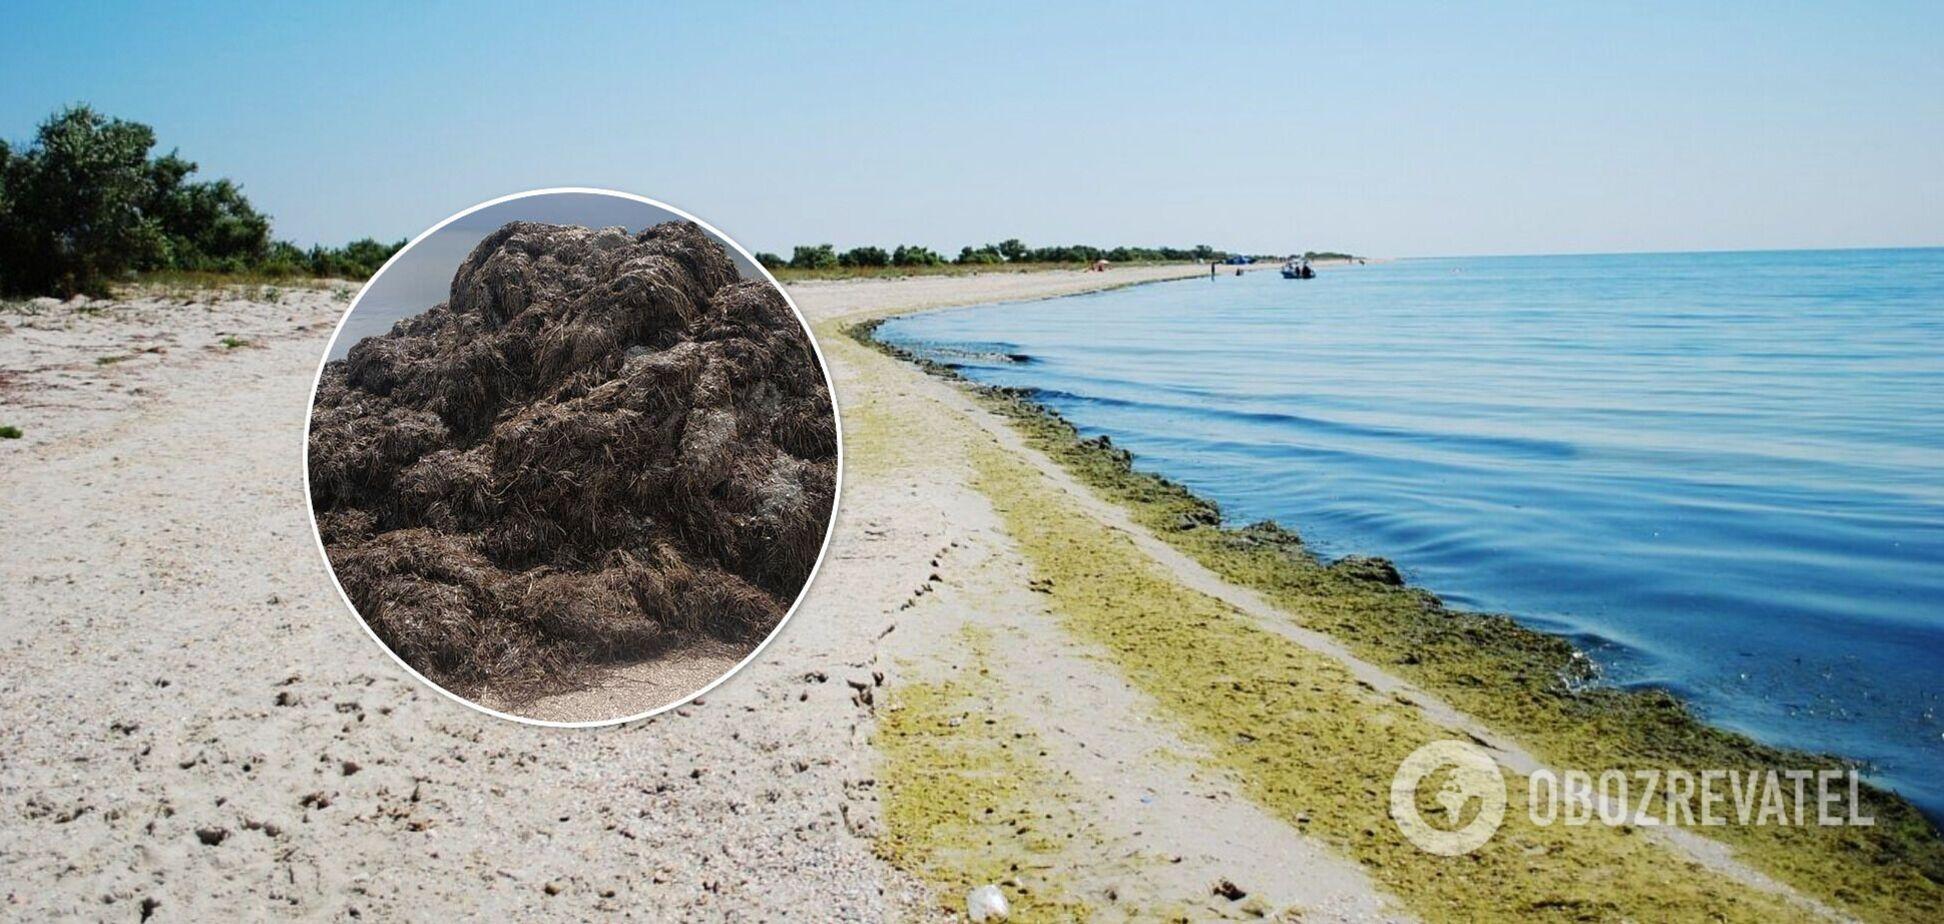 Неприємний запах і гори водоростей: популярний український курорт засмутив туристів. Фото